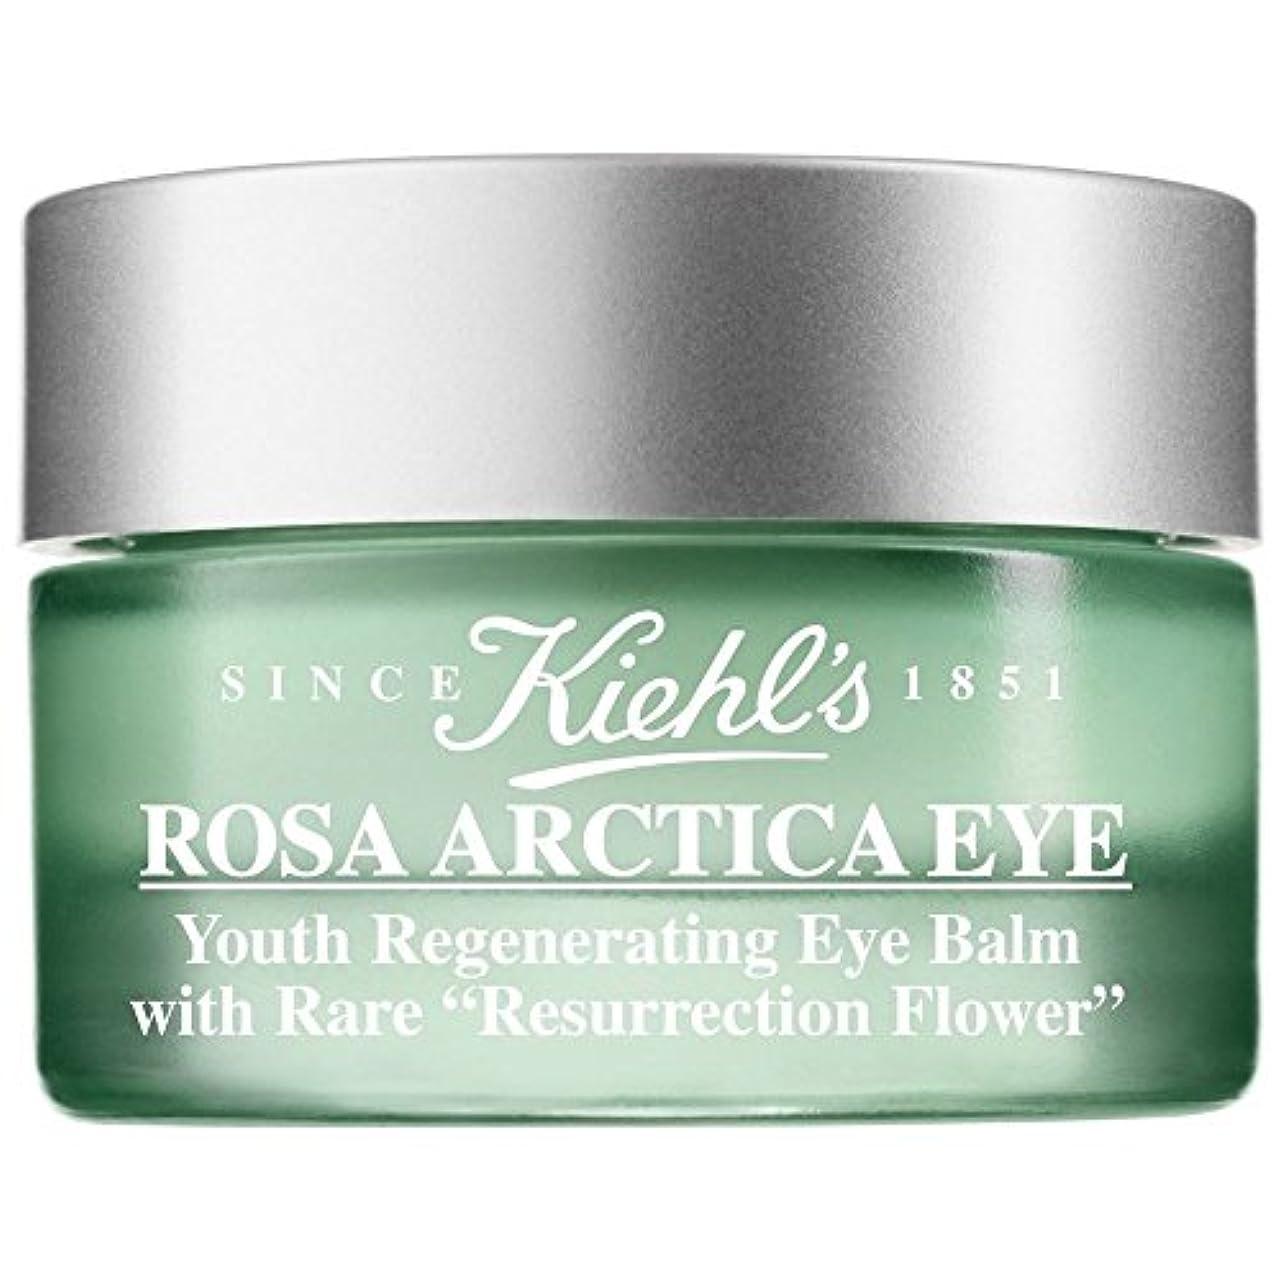 枯渇有限ずらす[Kiehl's] キールズローザArticaアイ14ミリリットル - Kiehl's Rosa Artica Eye 14ml [並行輸入品]